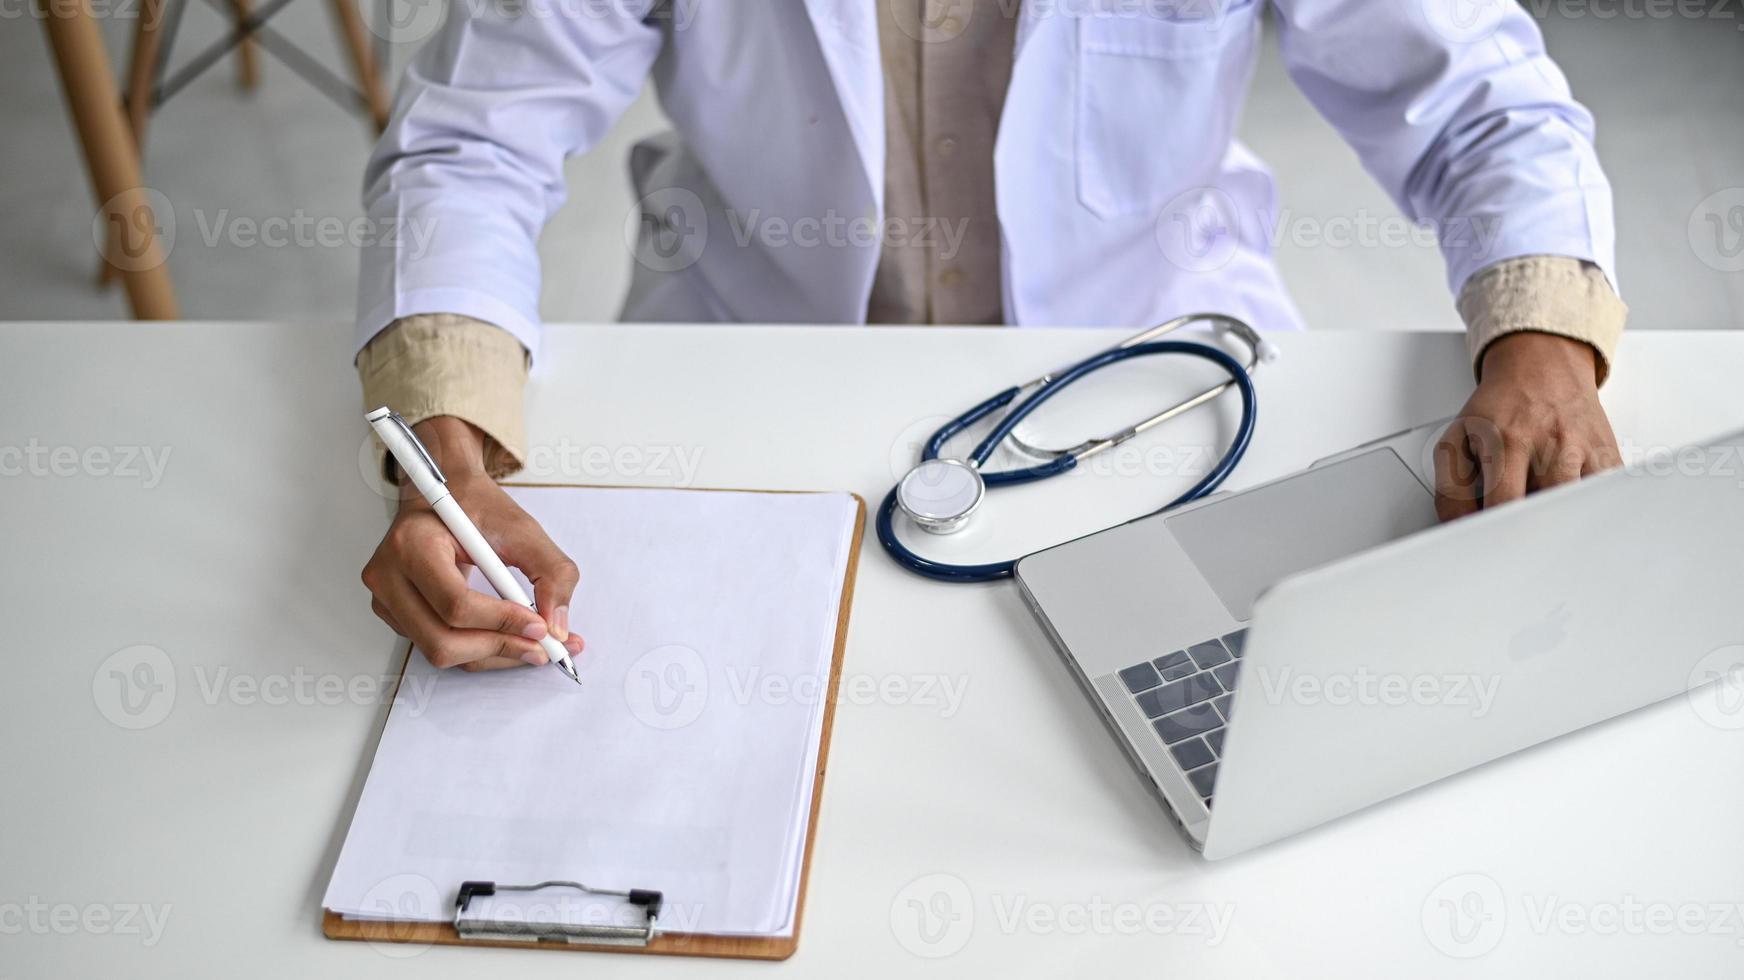 een medische professional in een laboratoriumjas houdt een potlood op een leeg dossier. foto